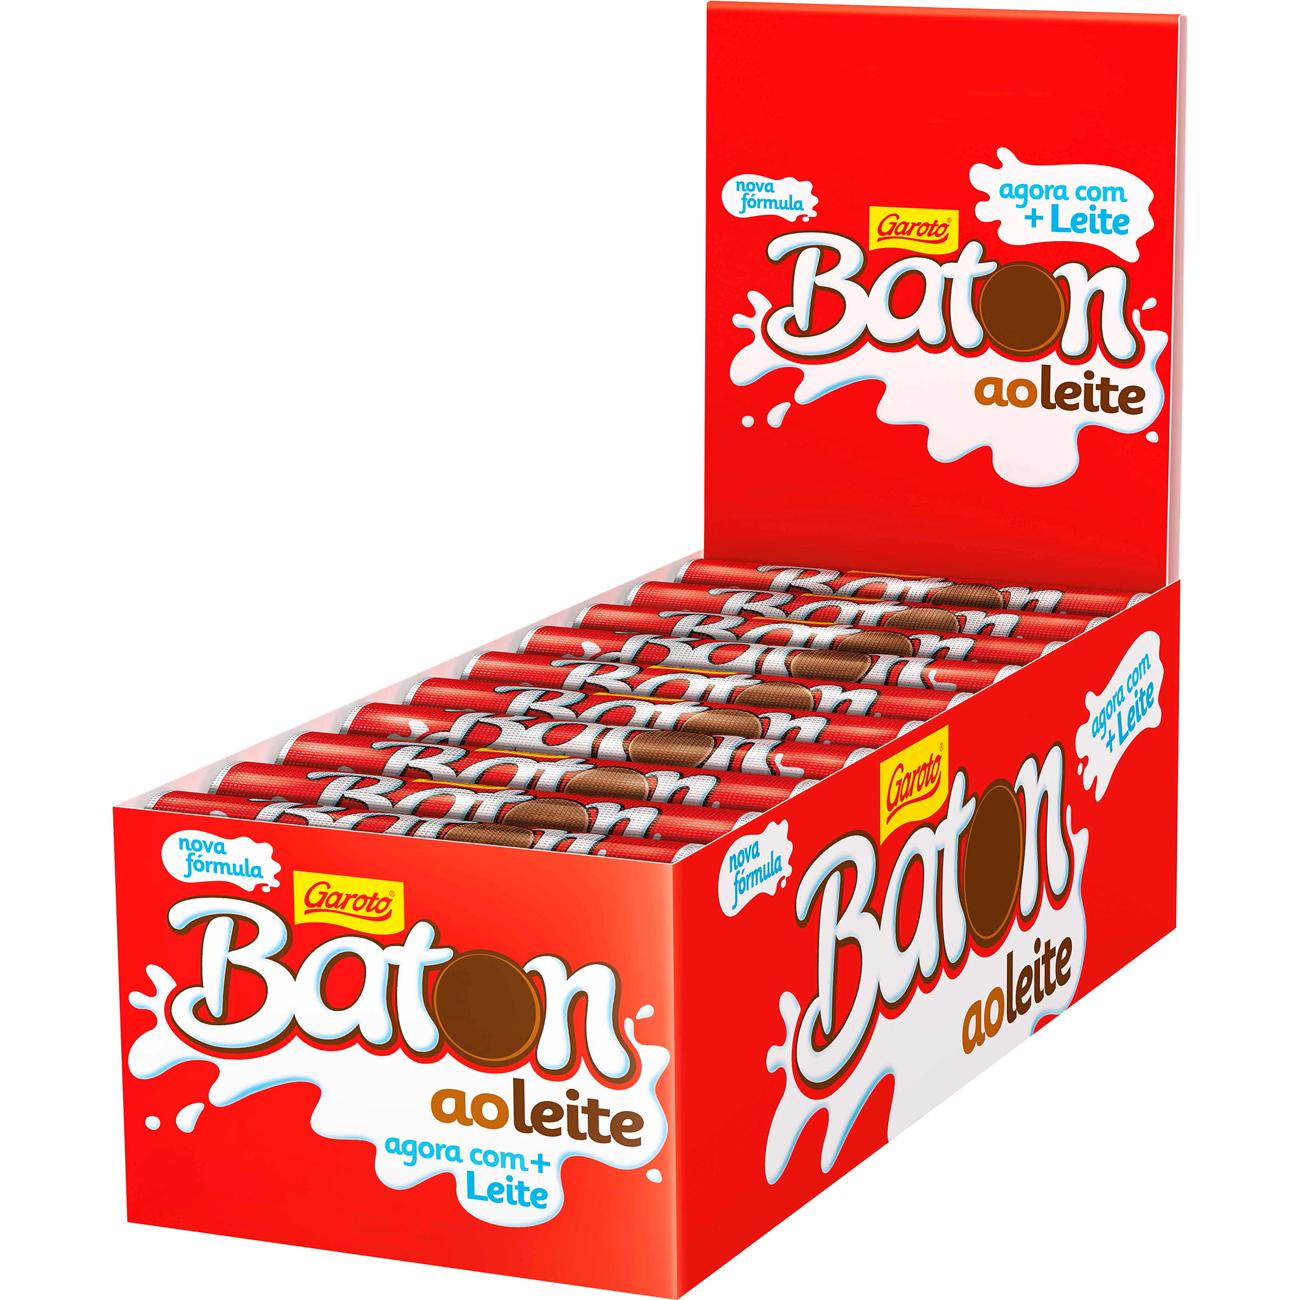 CHOC.GAROTO 16G BATON AO LEITE